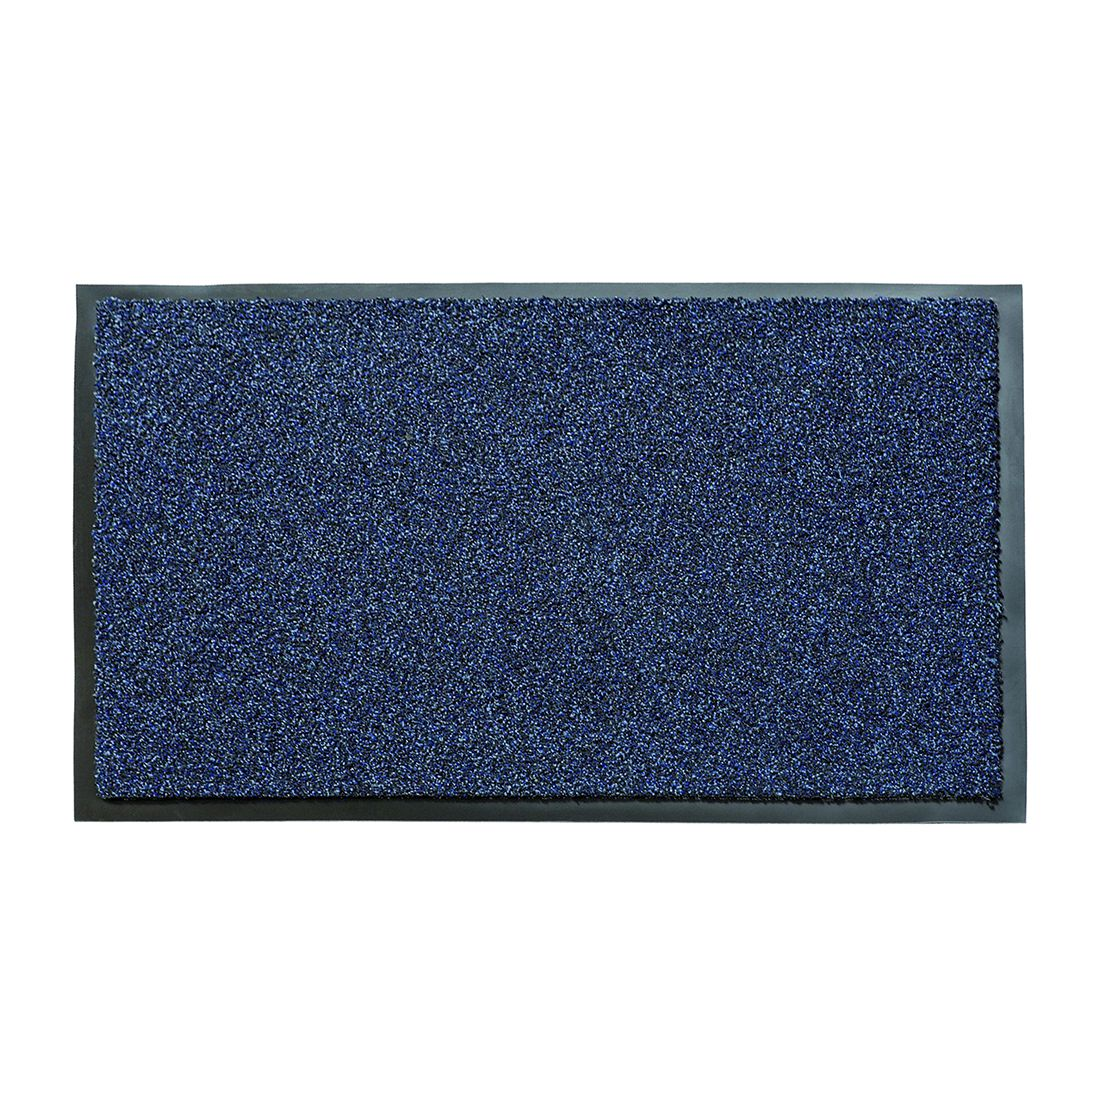 Fußmatte Calcite - Blau - 60 x 90 cm, Astra